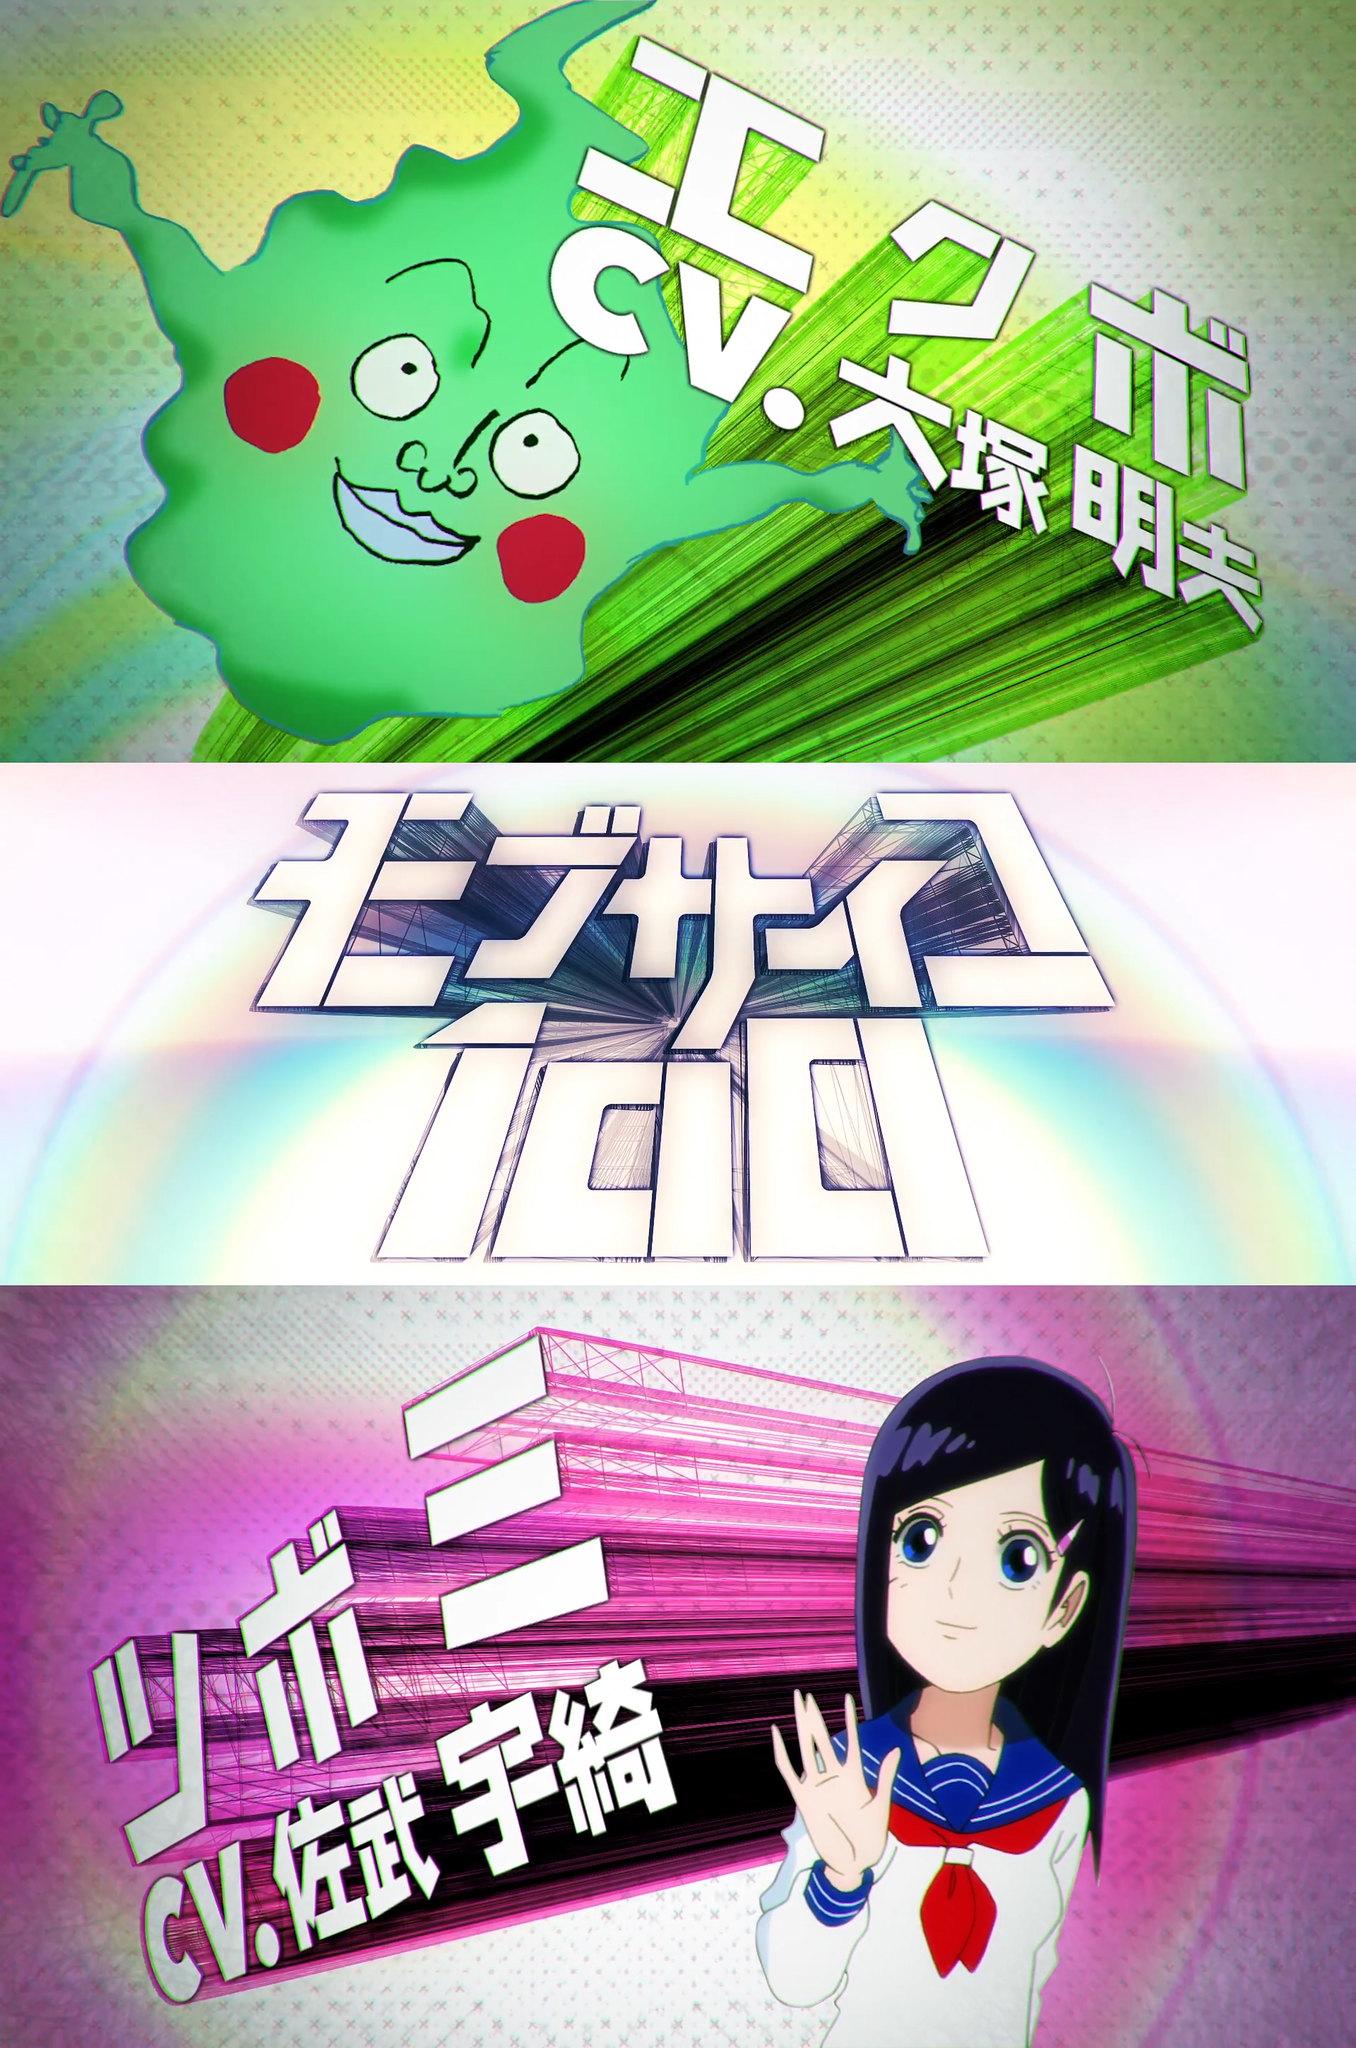 160326(3) -「川井憲次」搖滾爵士樂再進化!科幻動畫《モブサイコ100》發表全部聲優、正式預告大公開!